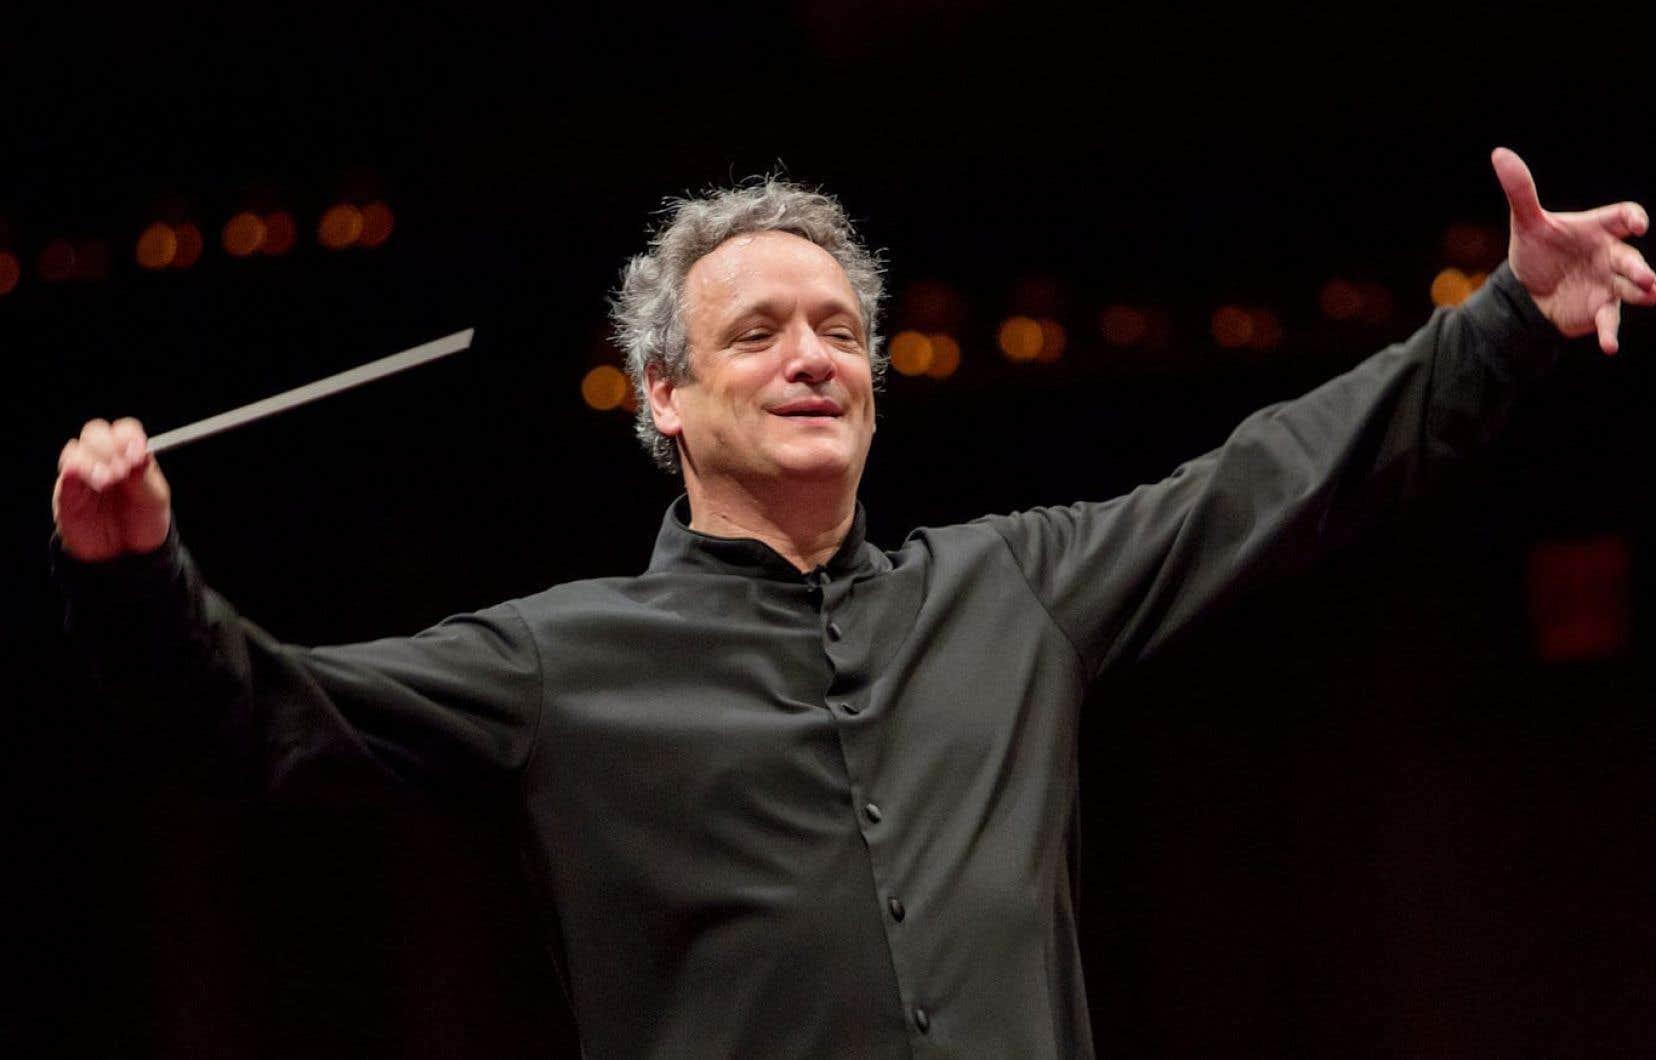 Louis Langrée définit «Pelléas et Mélisande»comme une œuvre «à mi-chemin entre un poème symphonique et une symphonie». «C'est un chef-d'œuvre difficile du point de vue de la texture orchestrale, car d'une écriture extrêmement compacte. Donc, on a besoin d'un orchestre transparent.»